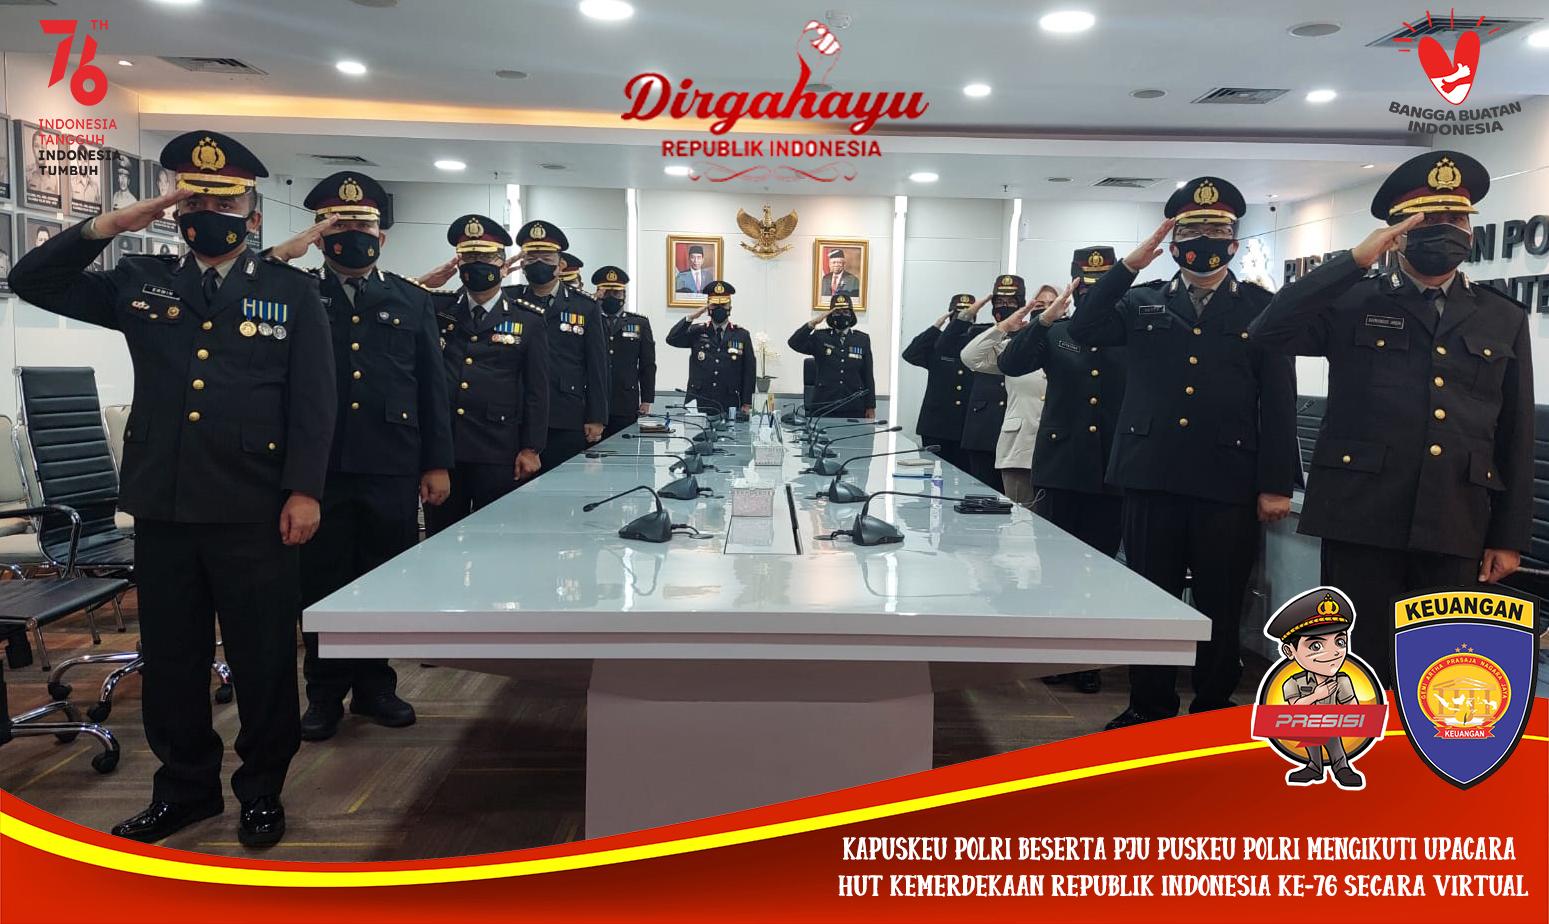 Puskeu Polri Melaksanakan Detik-detik Kemerdekaan Republik Indonesia ke 76 secara Virtual